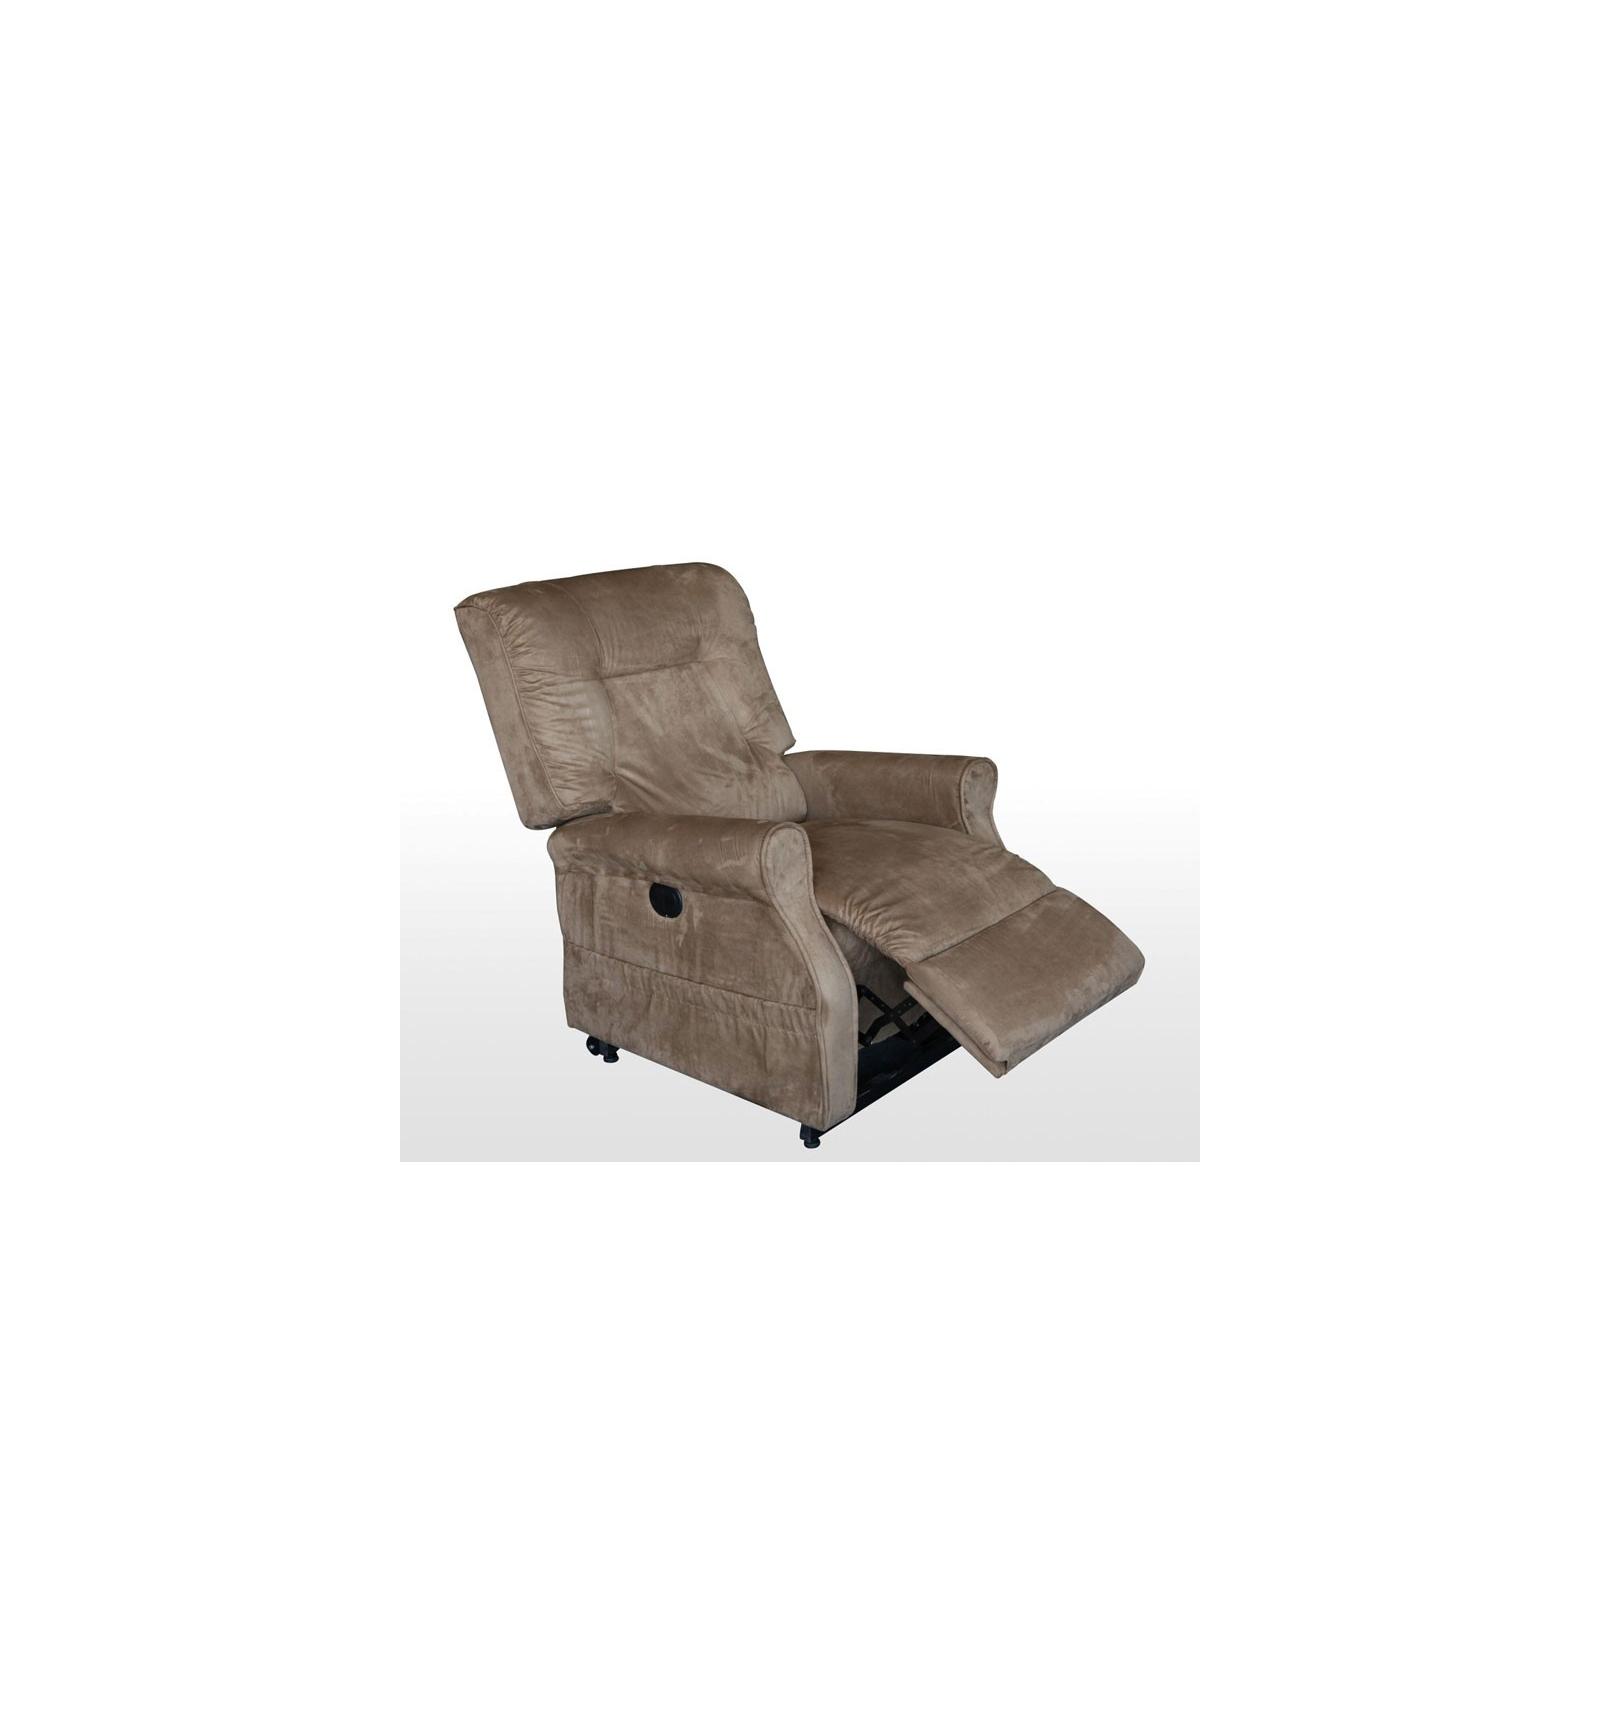 sessel mit aufstehhilfe elektrisch. Black Bedroom Furniture Sets. Home Design Ideas